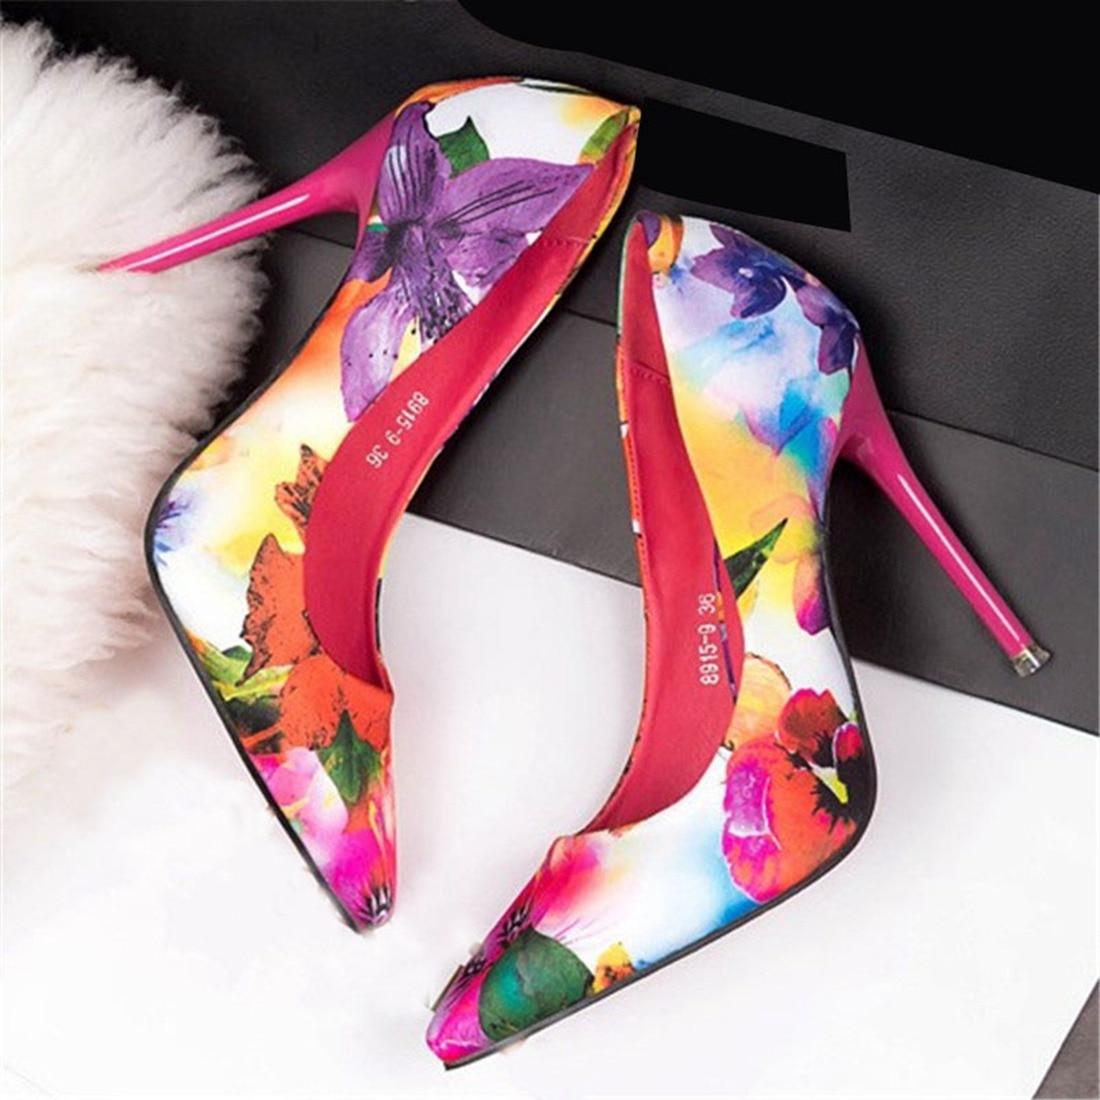 rose Mode Nightclub Stiletto Chaussures Fleur Flore Pompes Bleu Talons En De Mariage Sexy Bout Daim Hauts Femmes Pointu À xRfqwaUZ0R